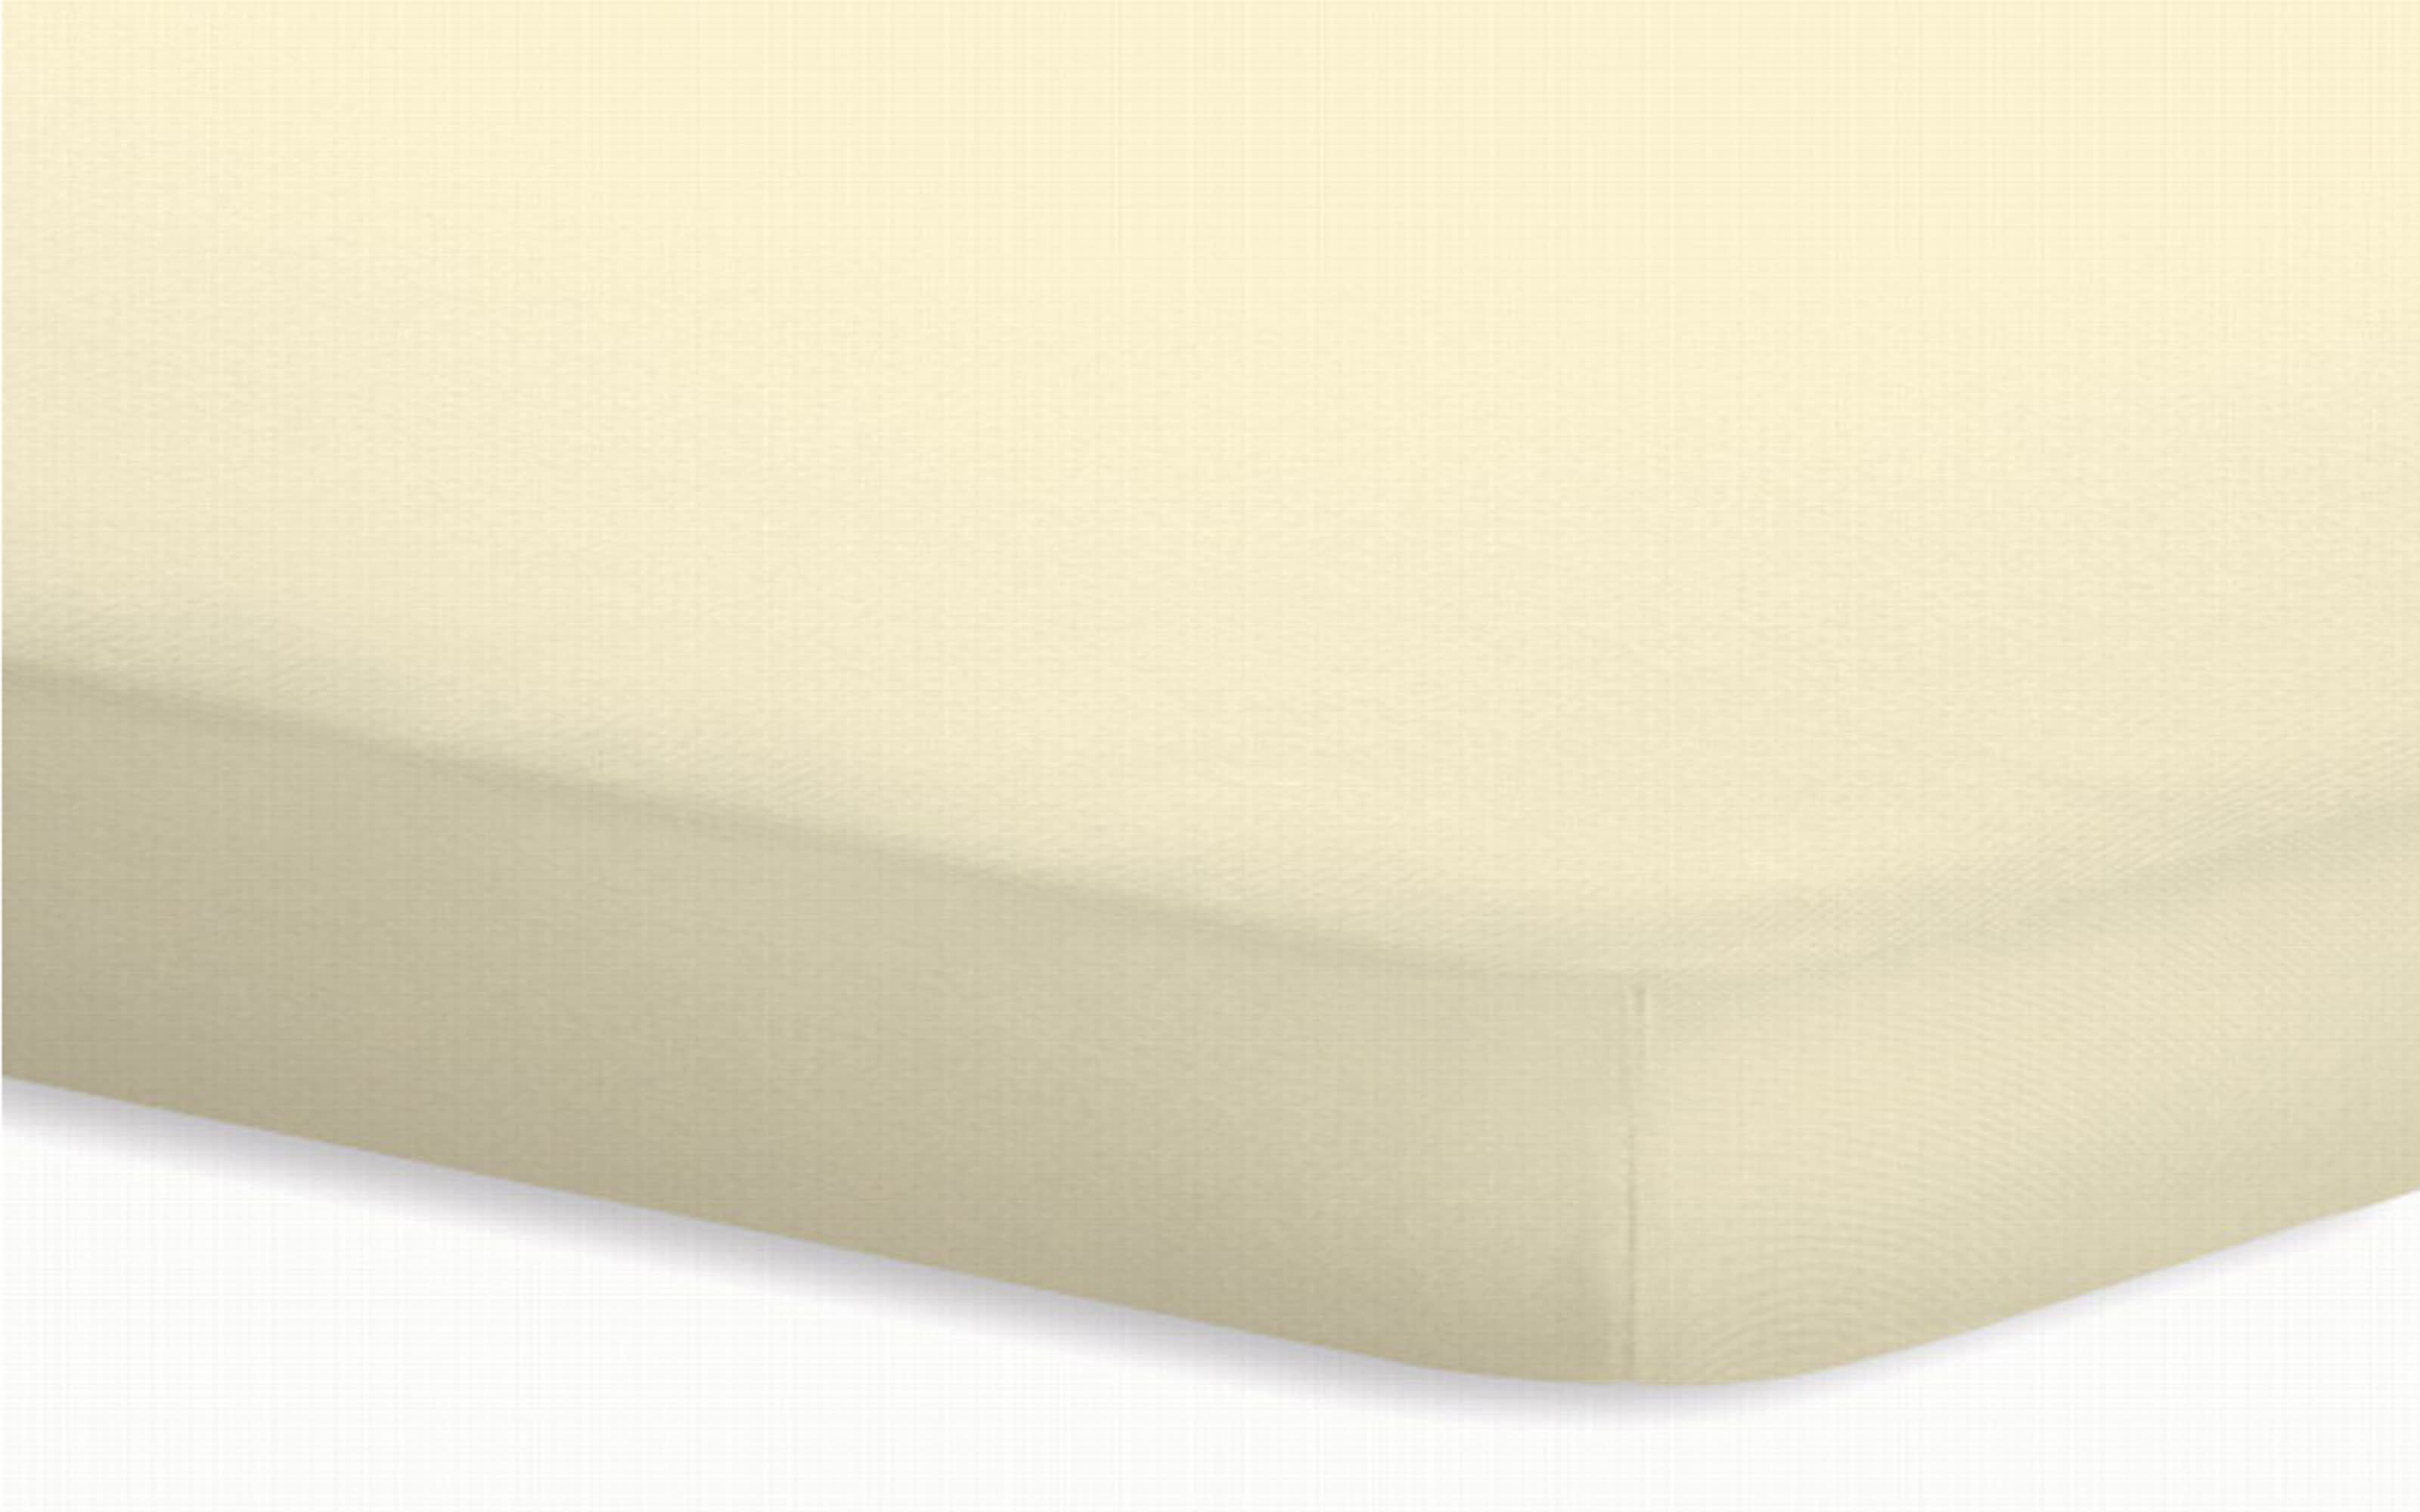 Topperspannbetttuch Jersey-Elasthan in ecru, 180 x 200 x 5 cm